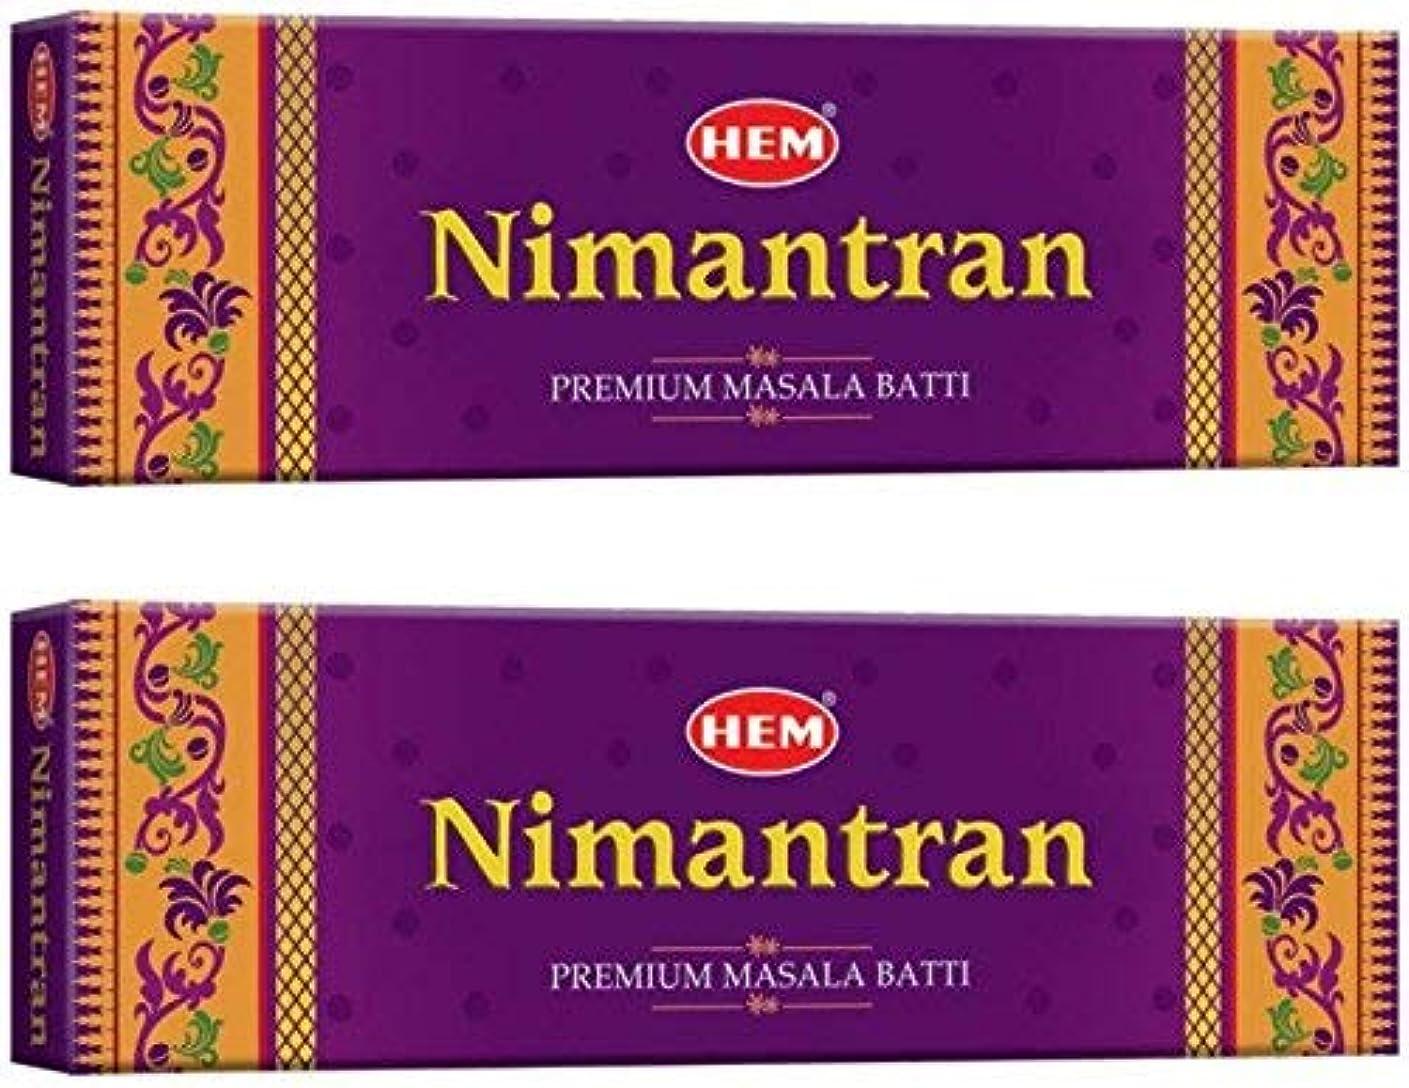 シガレットストロー邪魔Hem Nimantran Incense Stick Pack of 2(12.4 cm x 9.4 cm x 24 cm, Brown)